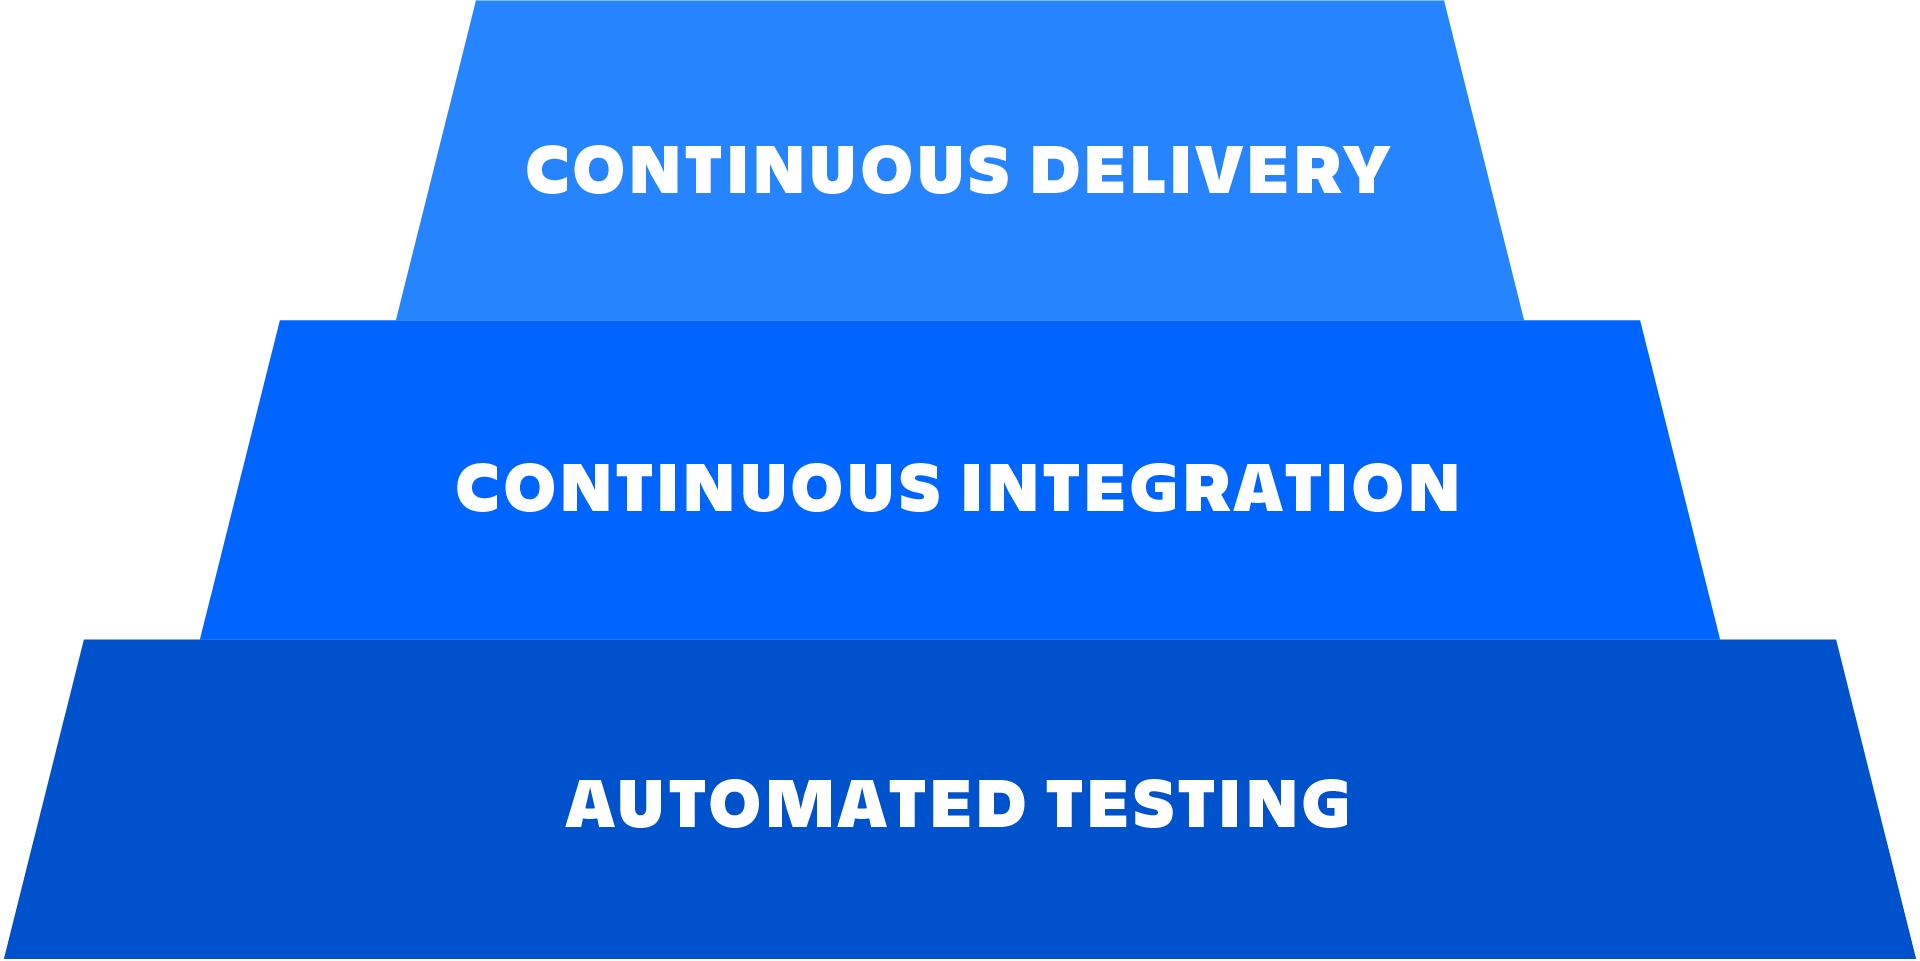 自動テスト、継続的なインテグレーションと継続的なデリバリーの関係を説明した図。